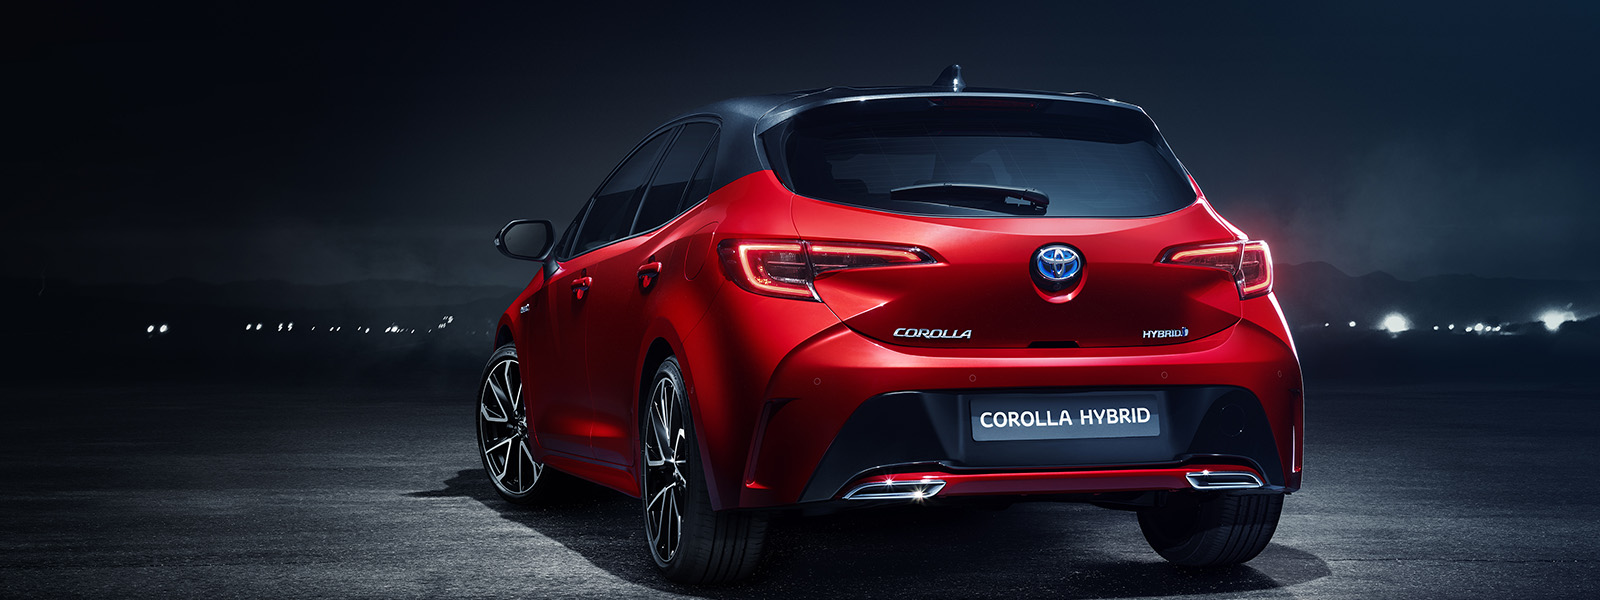 Kelebihan Nova Toyota Corolla Perbandingan Harga